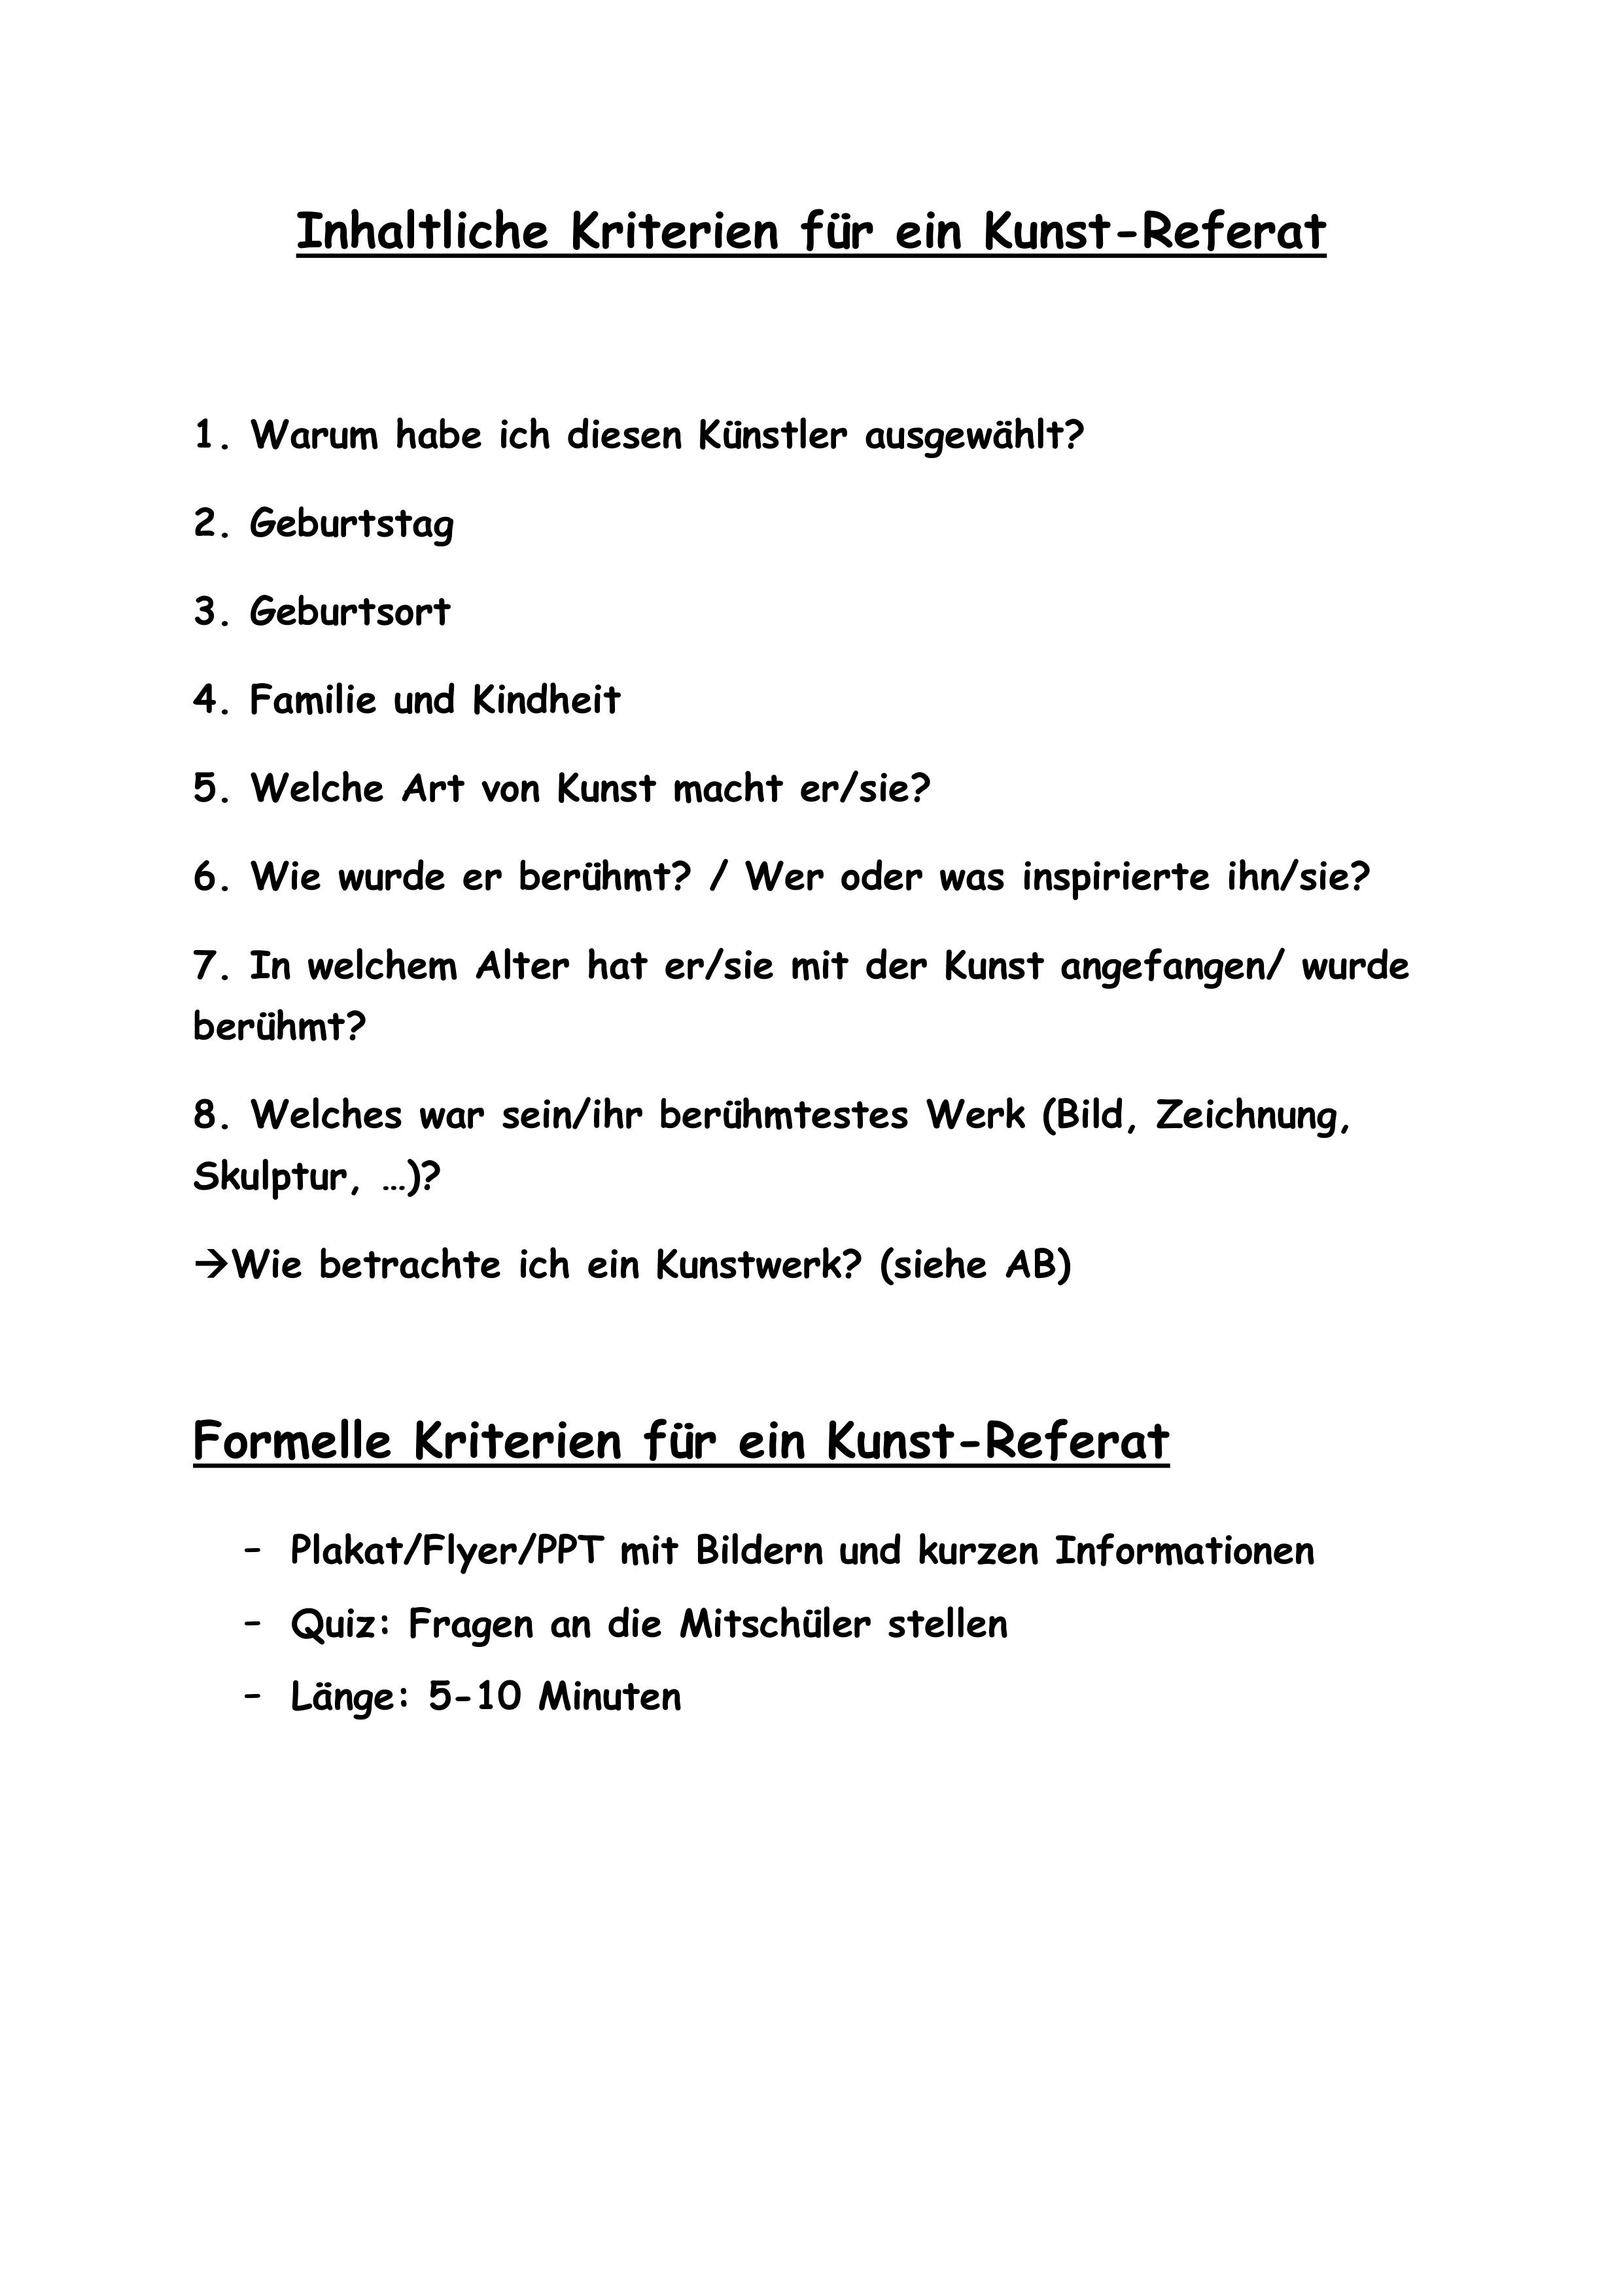 Inhaltliche Kriterien Fur Ein Kunstreferat Unterrichtsmaterial Im Fach Kunst Kunstunterricht Referat Kunst Grundschule